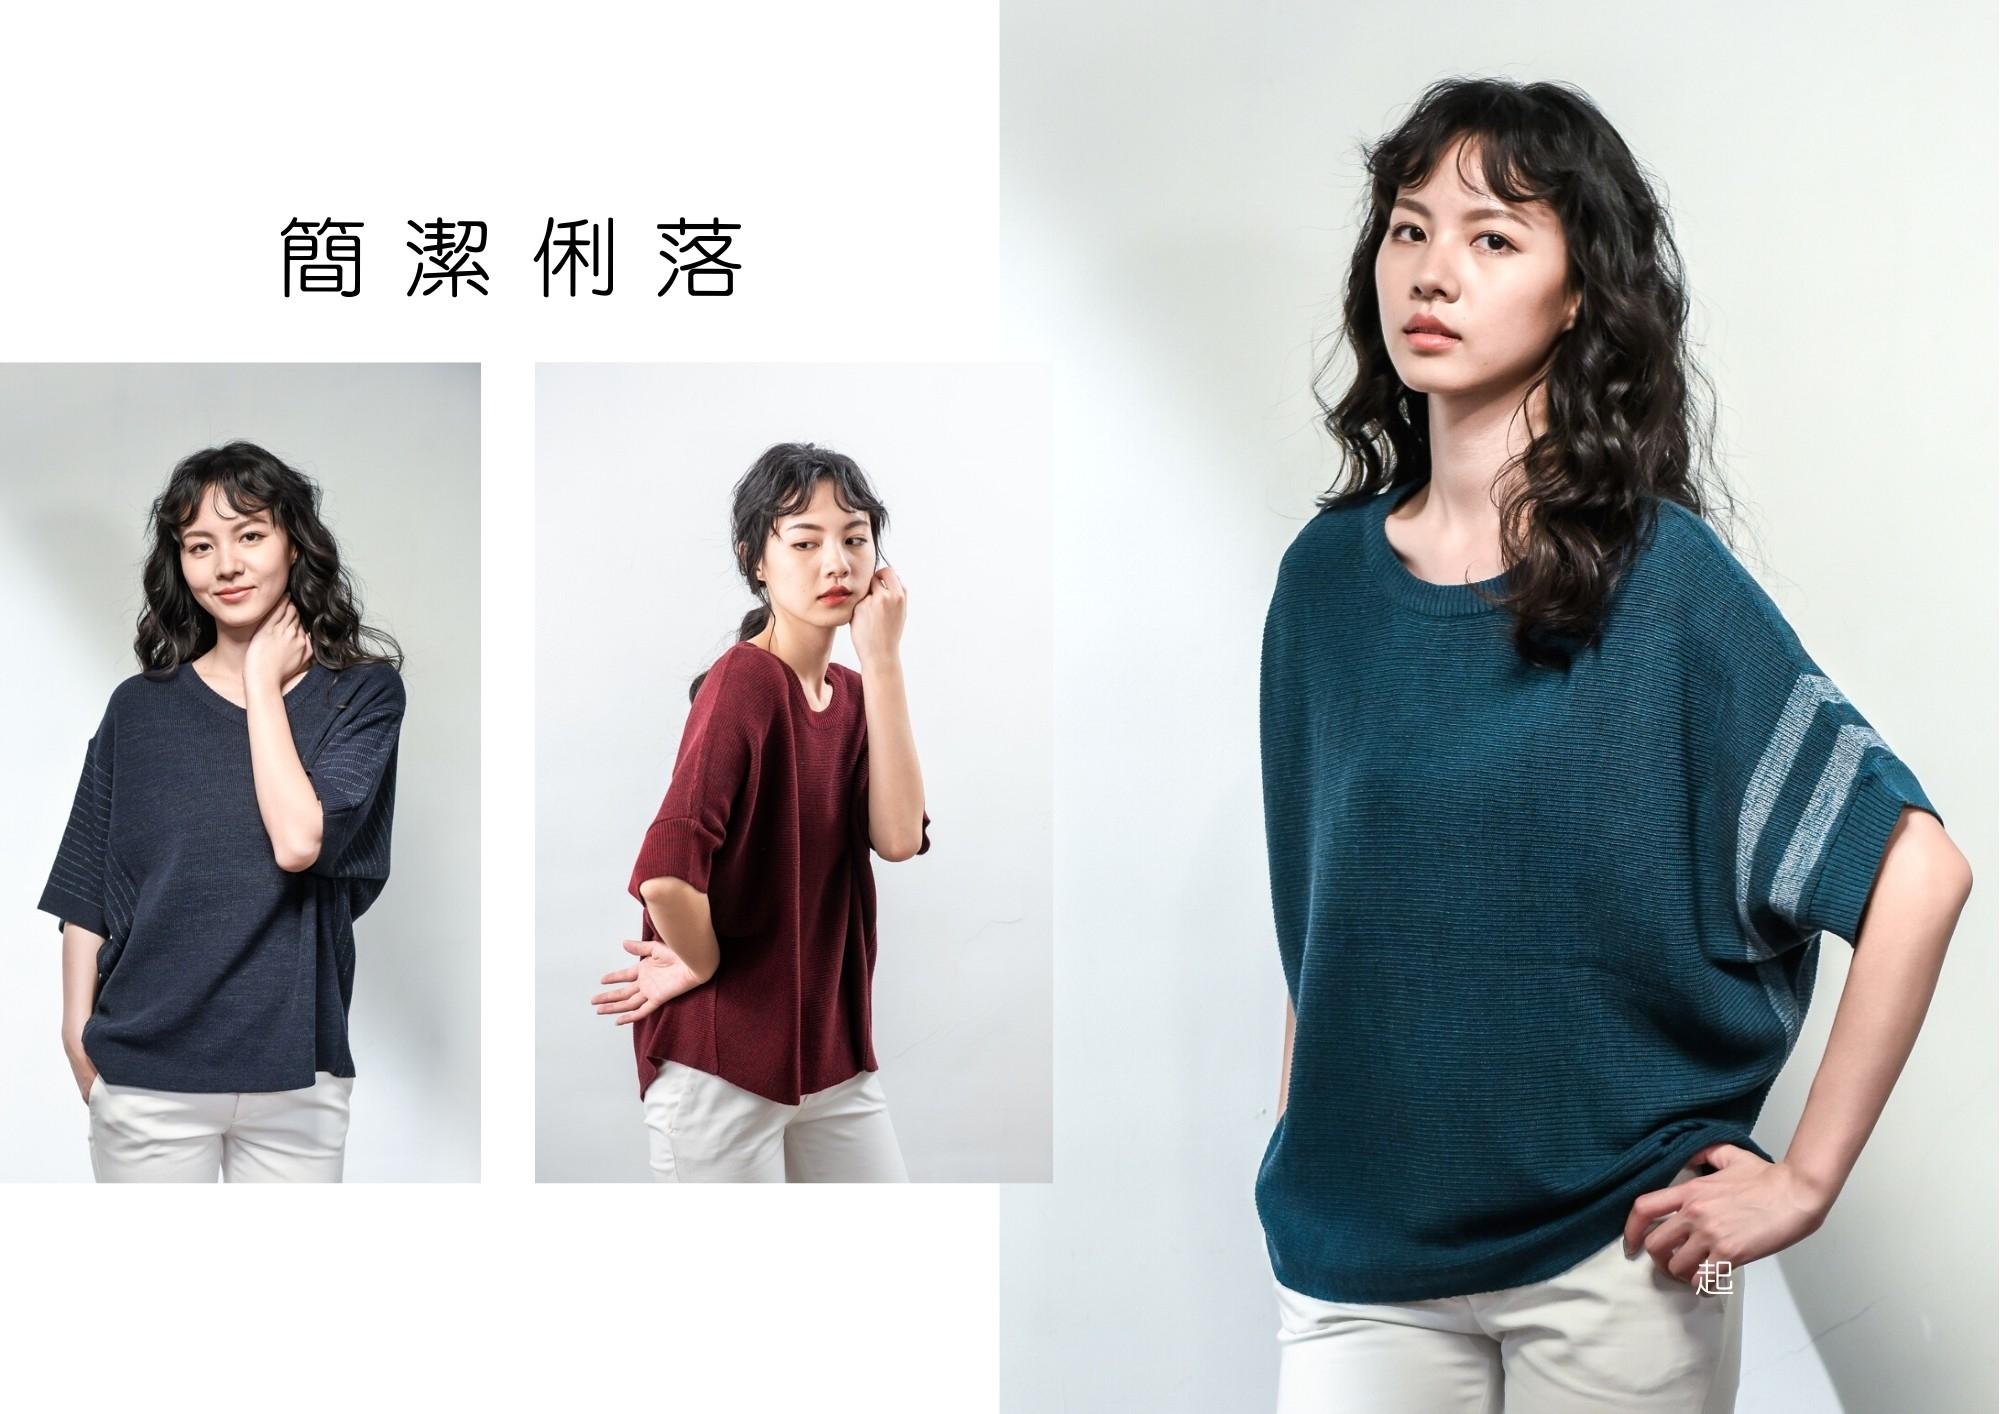 O-LIWAY 台灣製針織上衣目錄